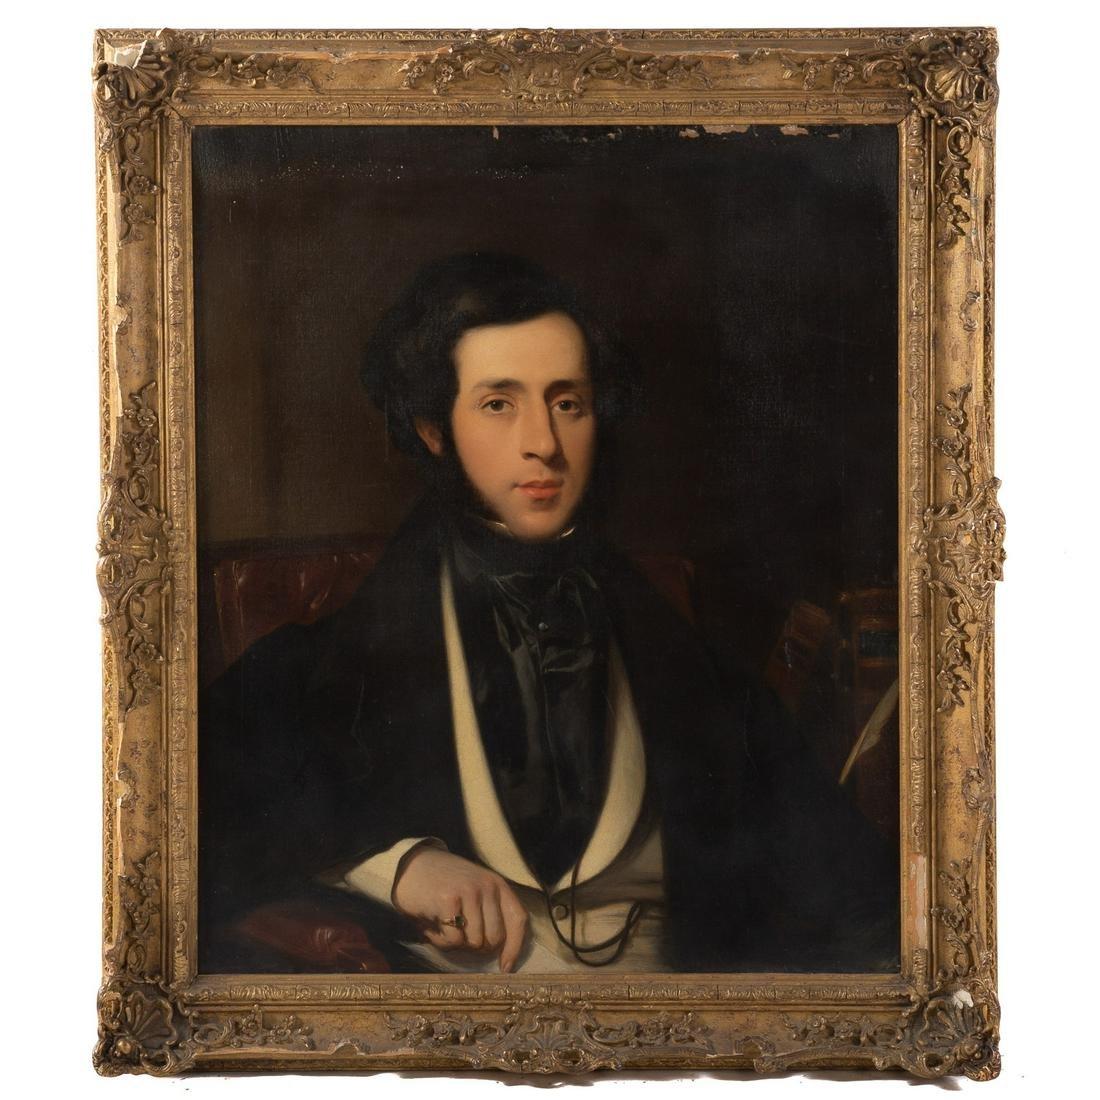 French School, 19th c. Portrait Of A Man